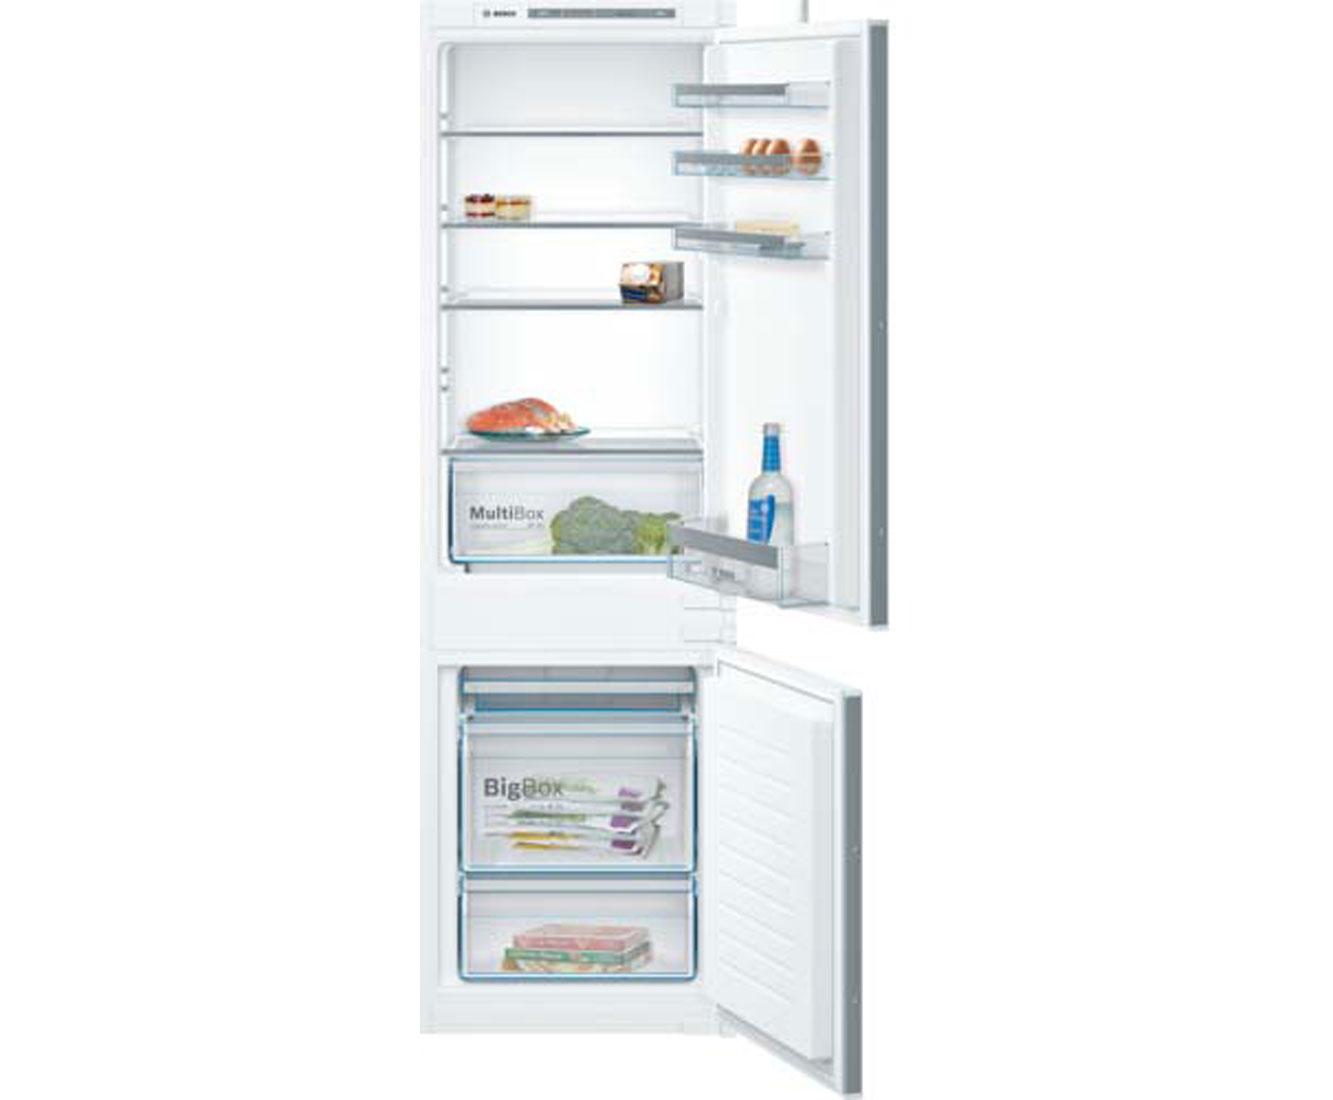 Bosch Serie 4 KIV86VS30 Kühl-Gefrierkombinationen - Weiß | Küche und Esszimmer > Küchenelektrogeräte > Kühl-Gefrierkombis | Weiß | Bosch